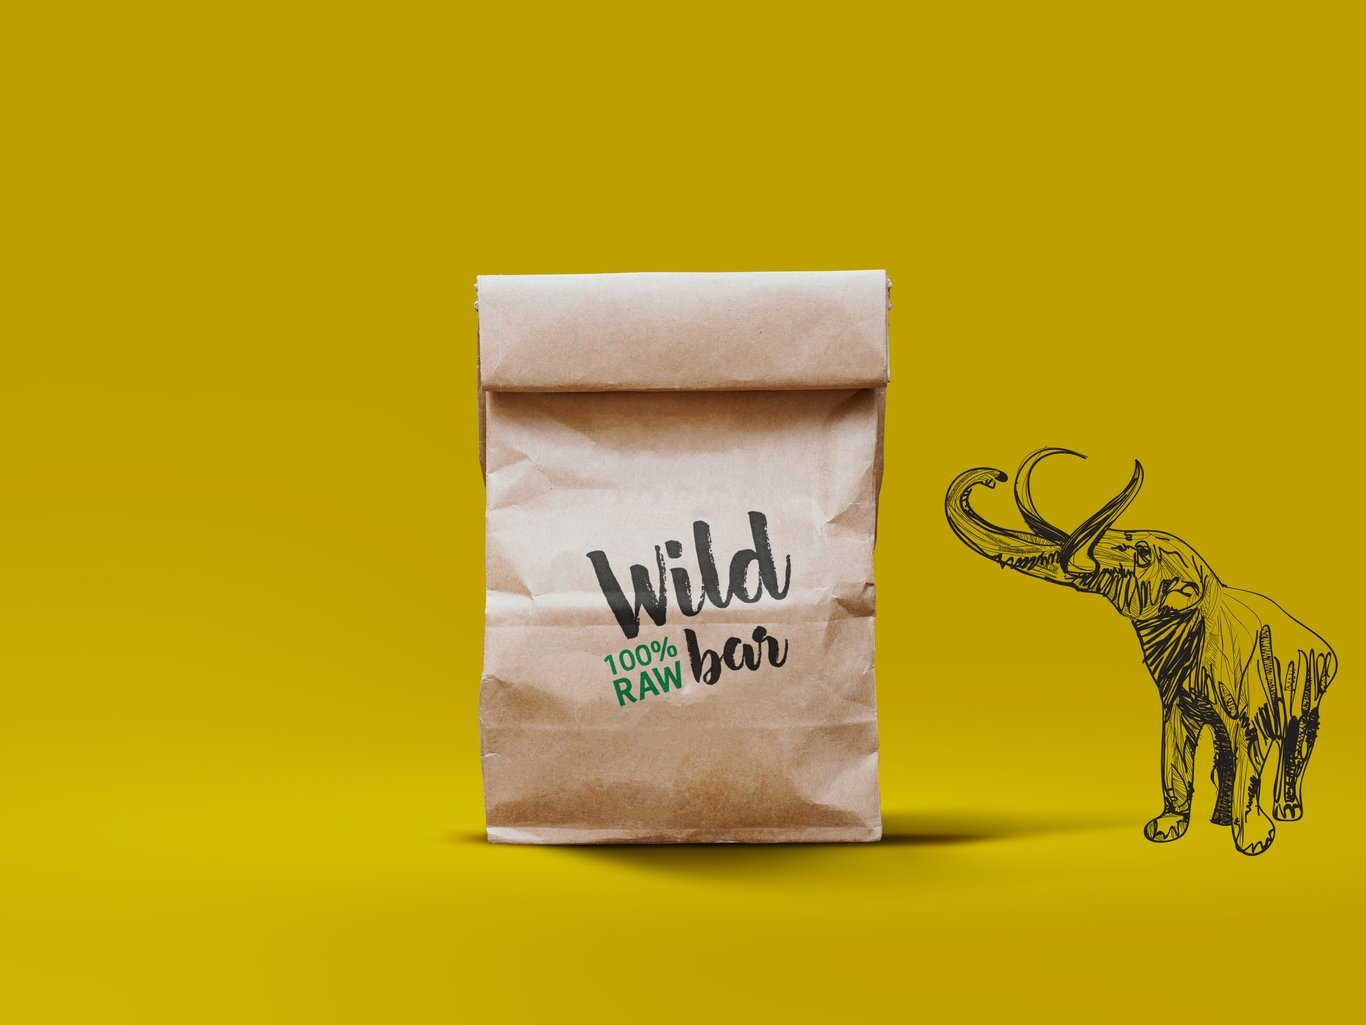 Wild bar